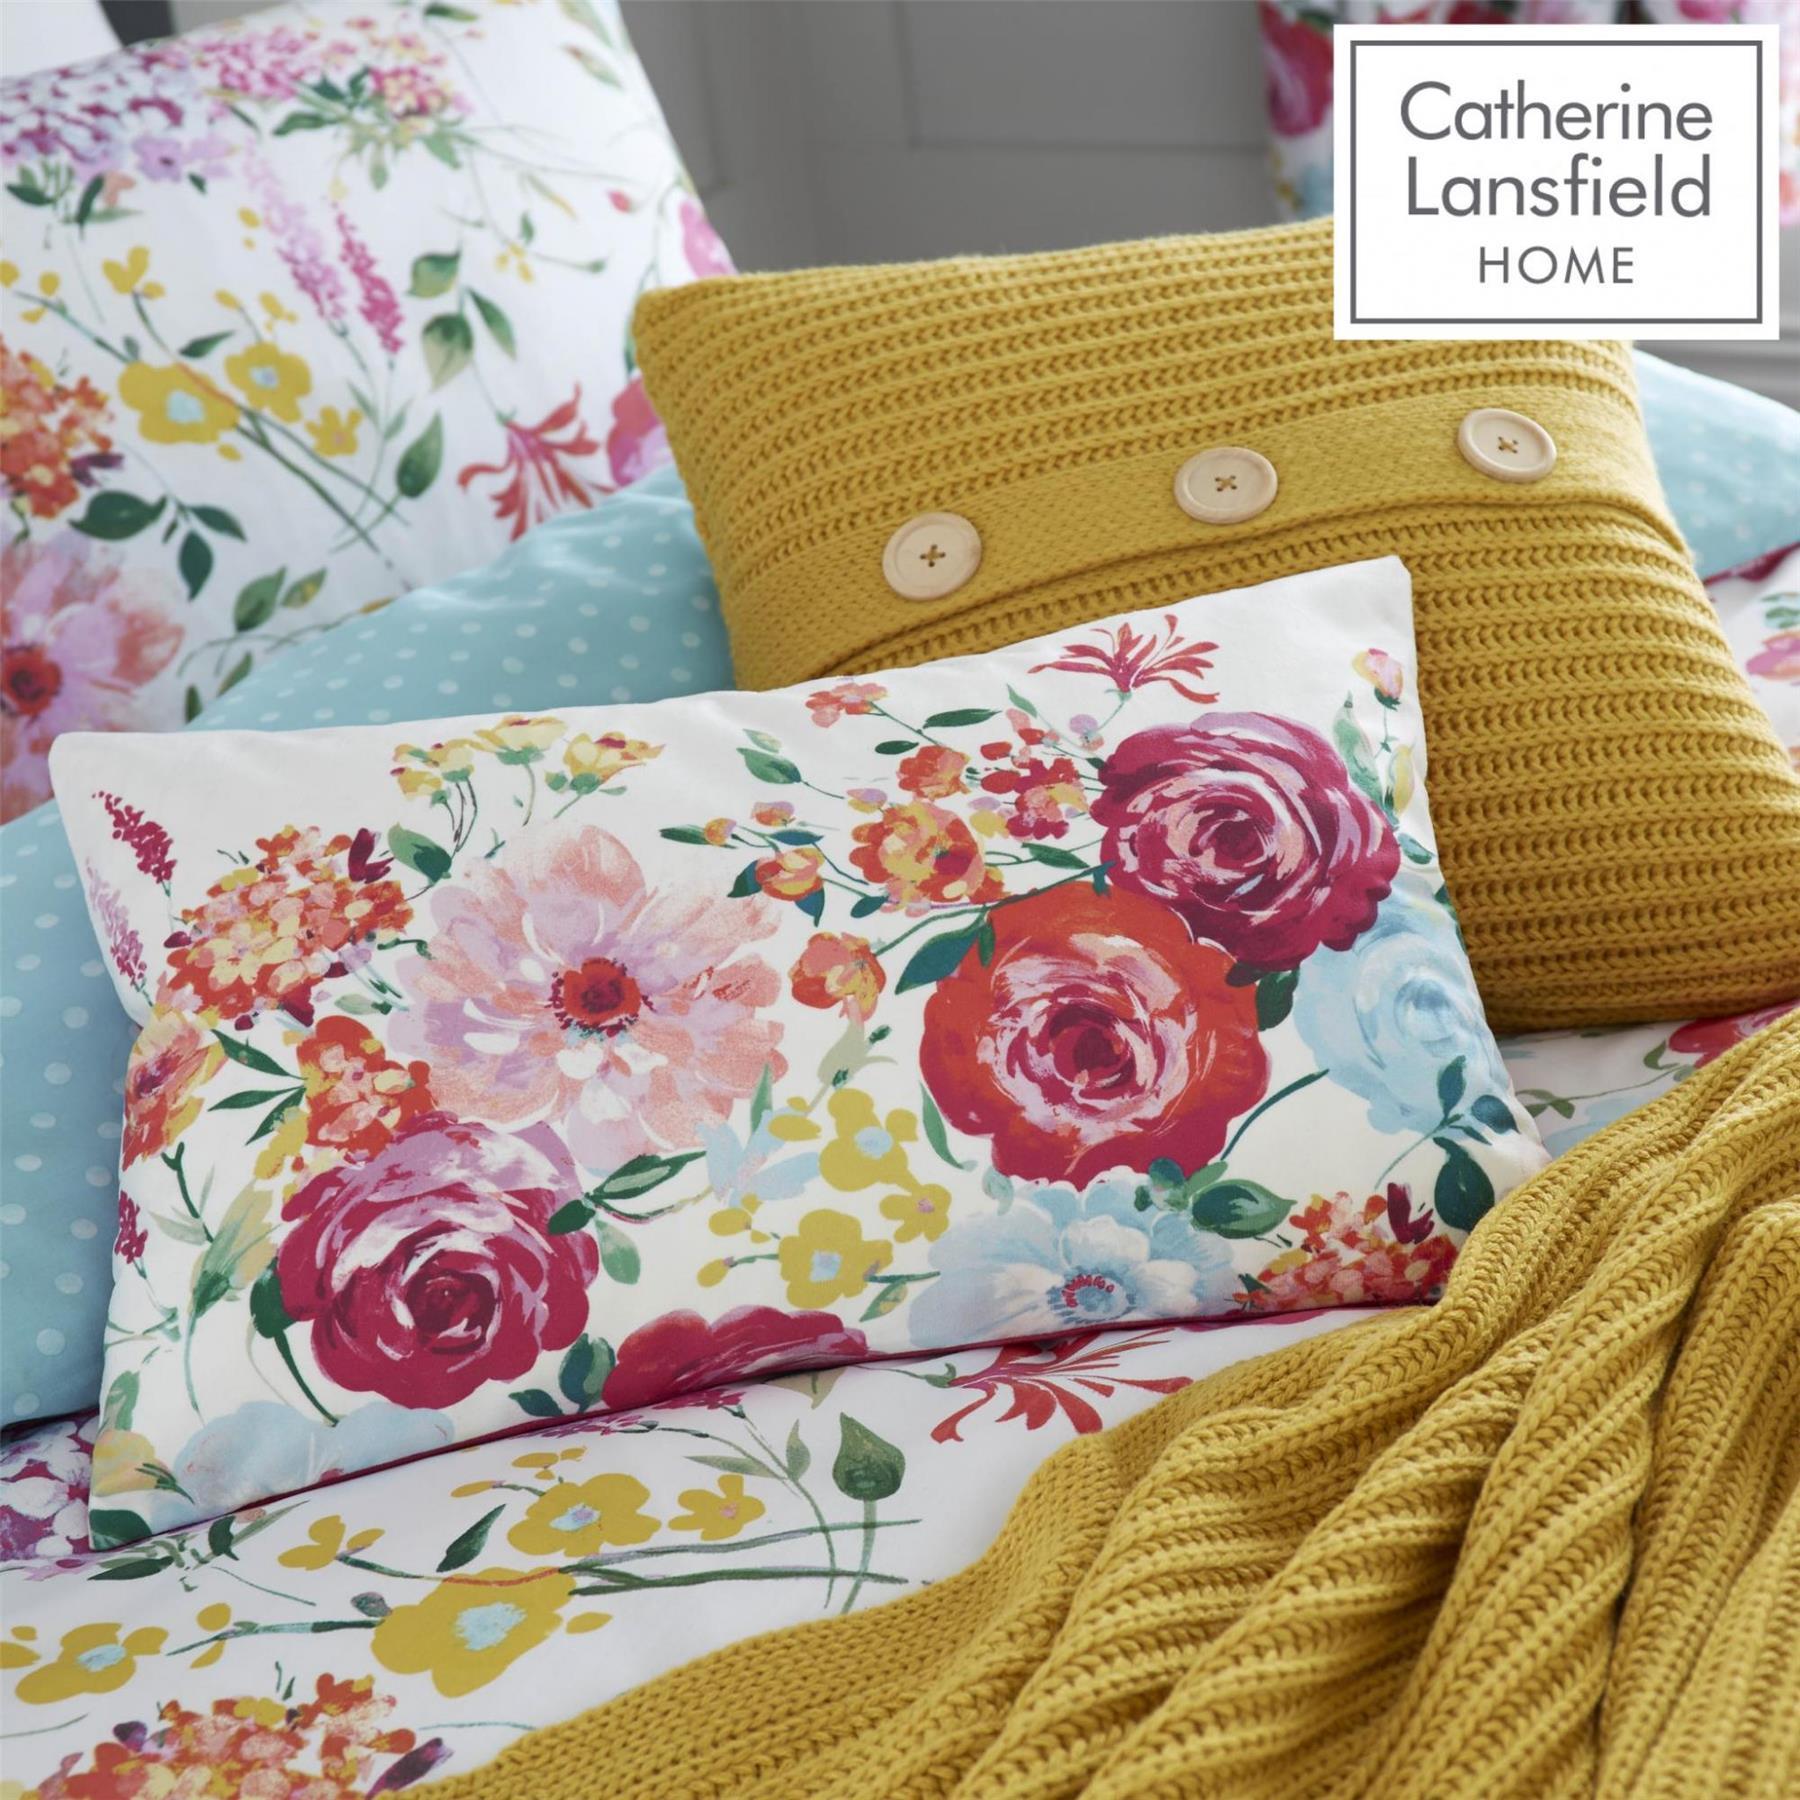 Catherine-Lansfield-biancheria-da-letto-Salisbury-Copripiumino-Set-Tende-Cuscino-Copriletto miniatura 19